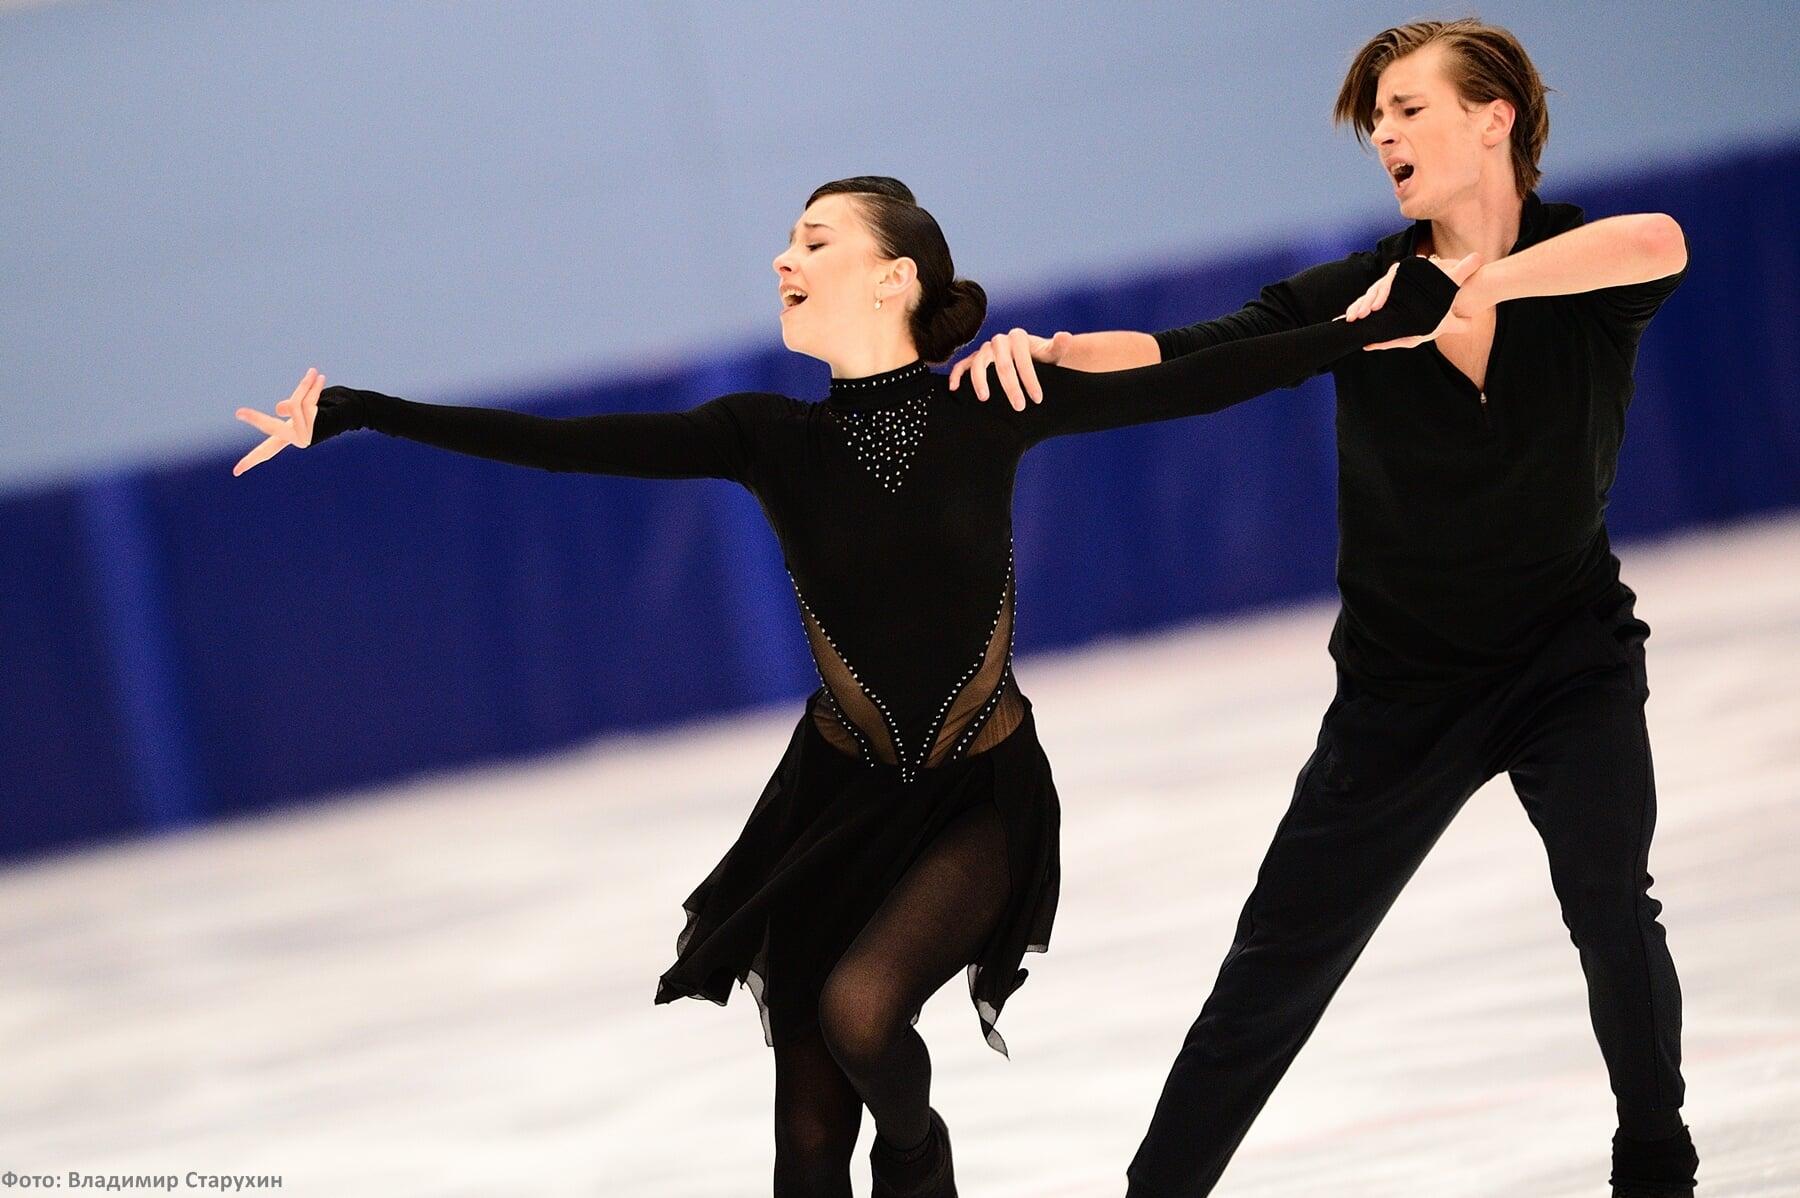 Фигуристы Елизавета Шанаева и Дэвид Нарижный завоевали серебряные медали чемпионата России